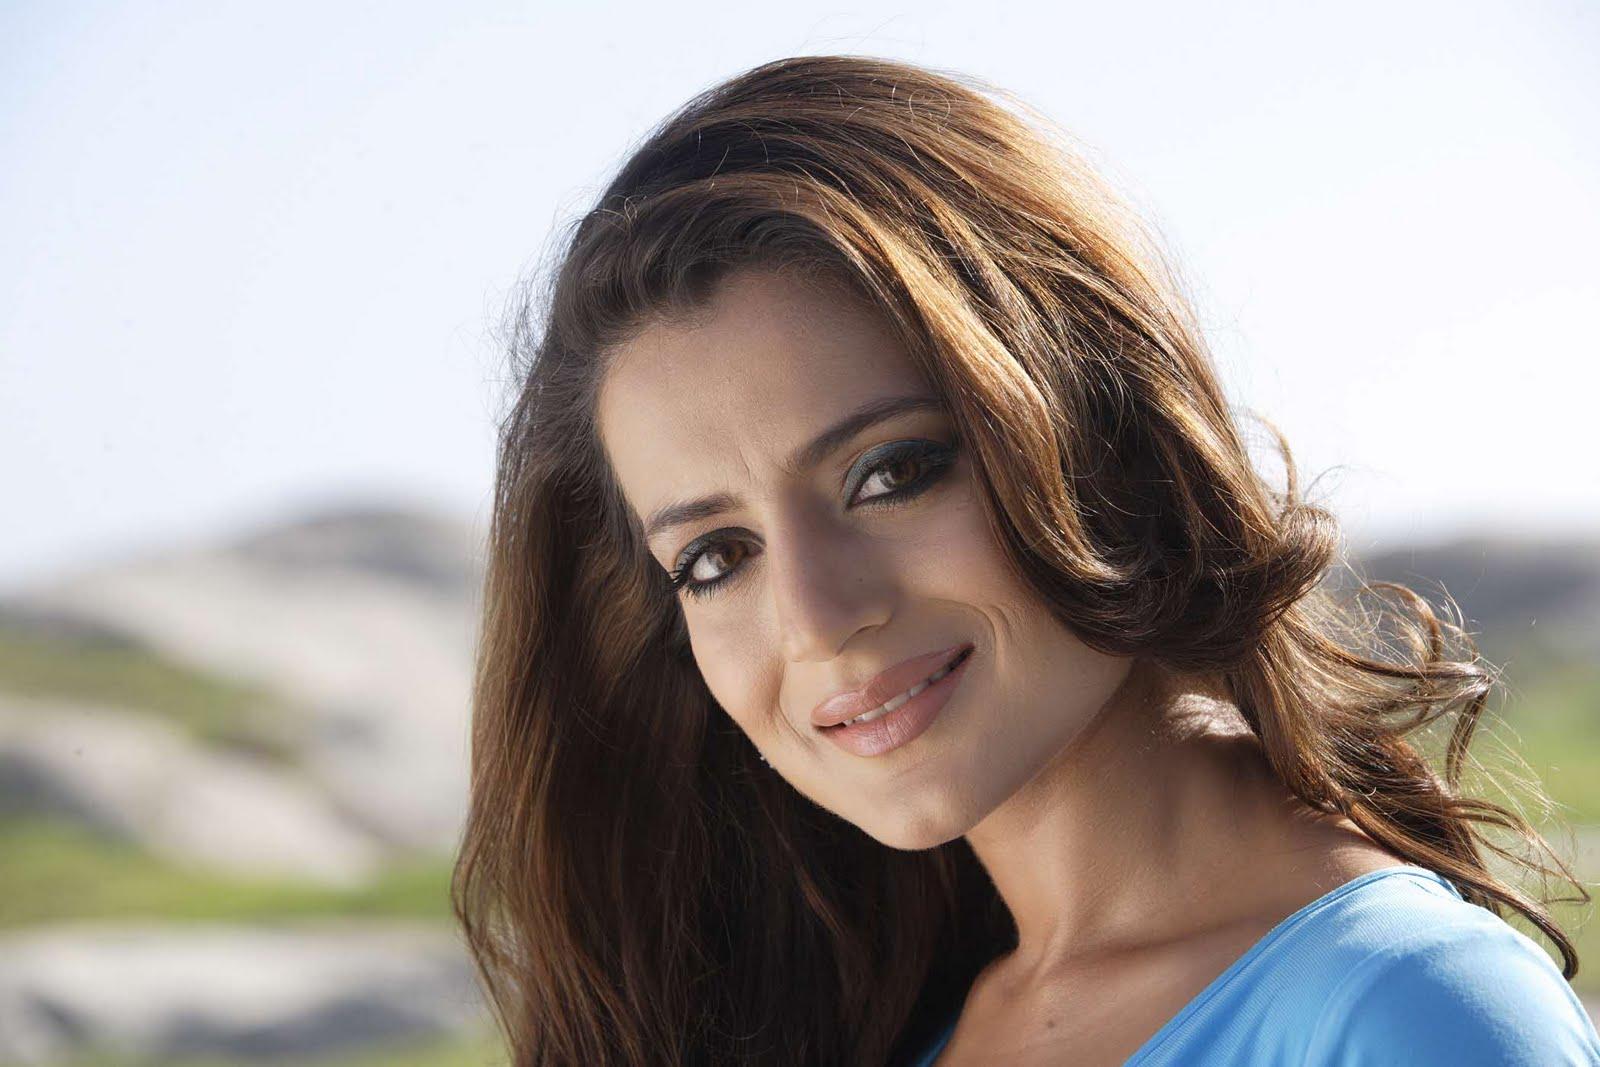 Malayalam Hot Actress Pics Photos Wallpapers Hot Scene -5806